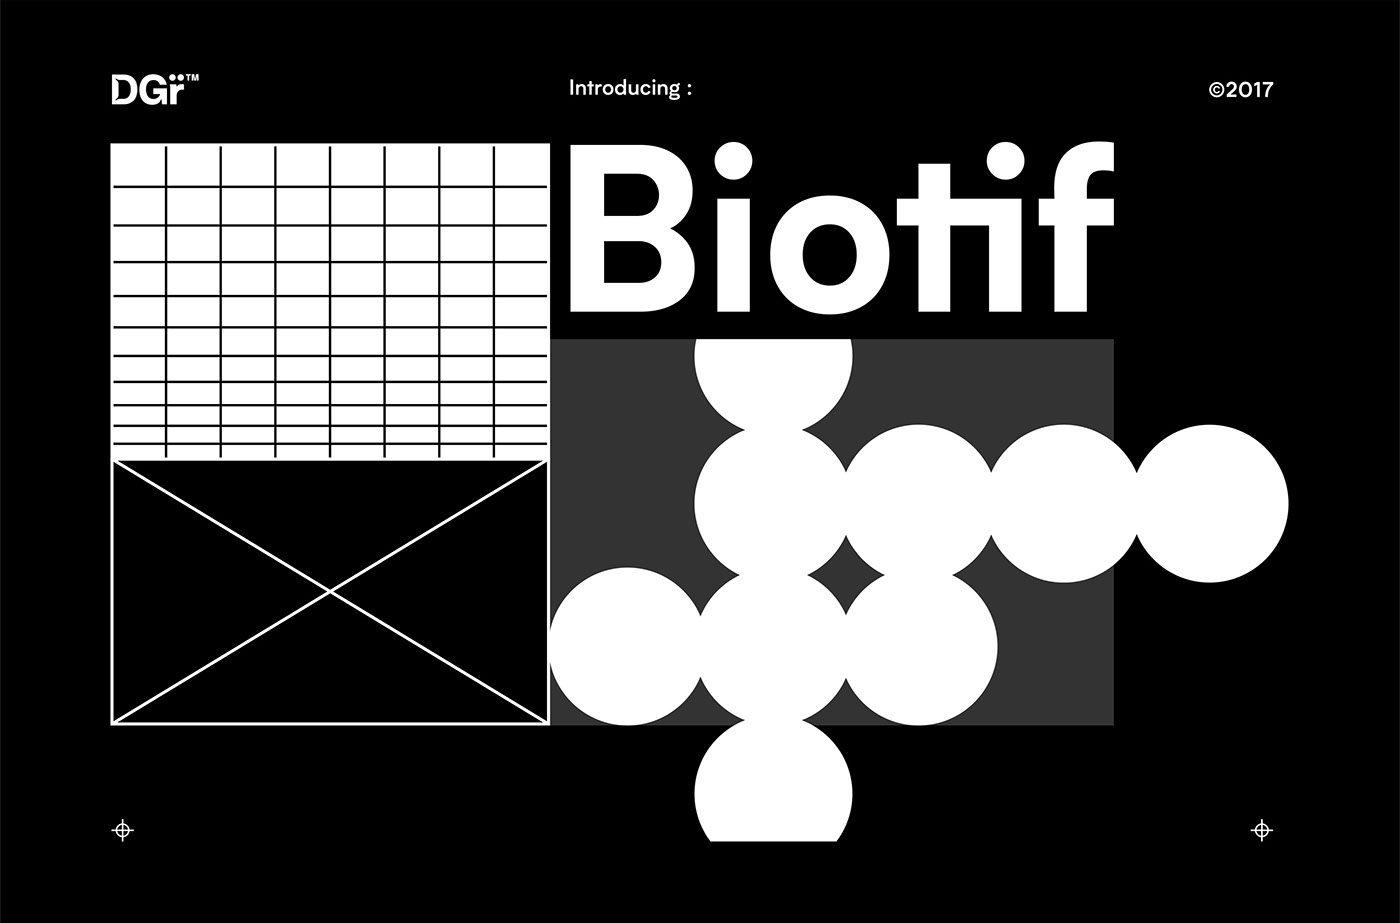 Biotif Typeface Deni Anggara